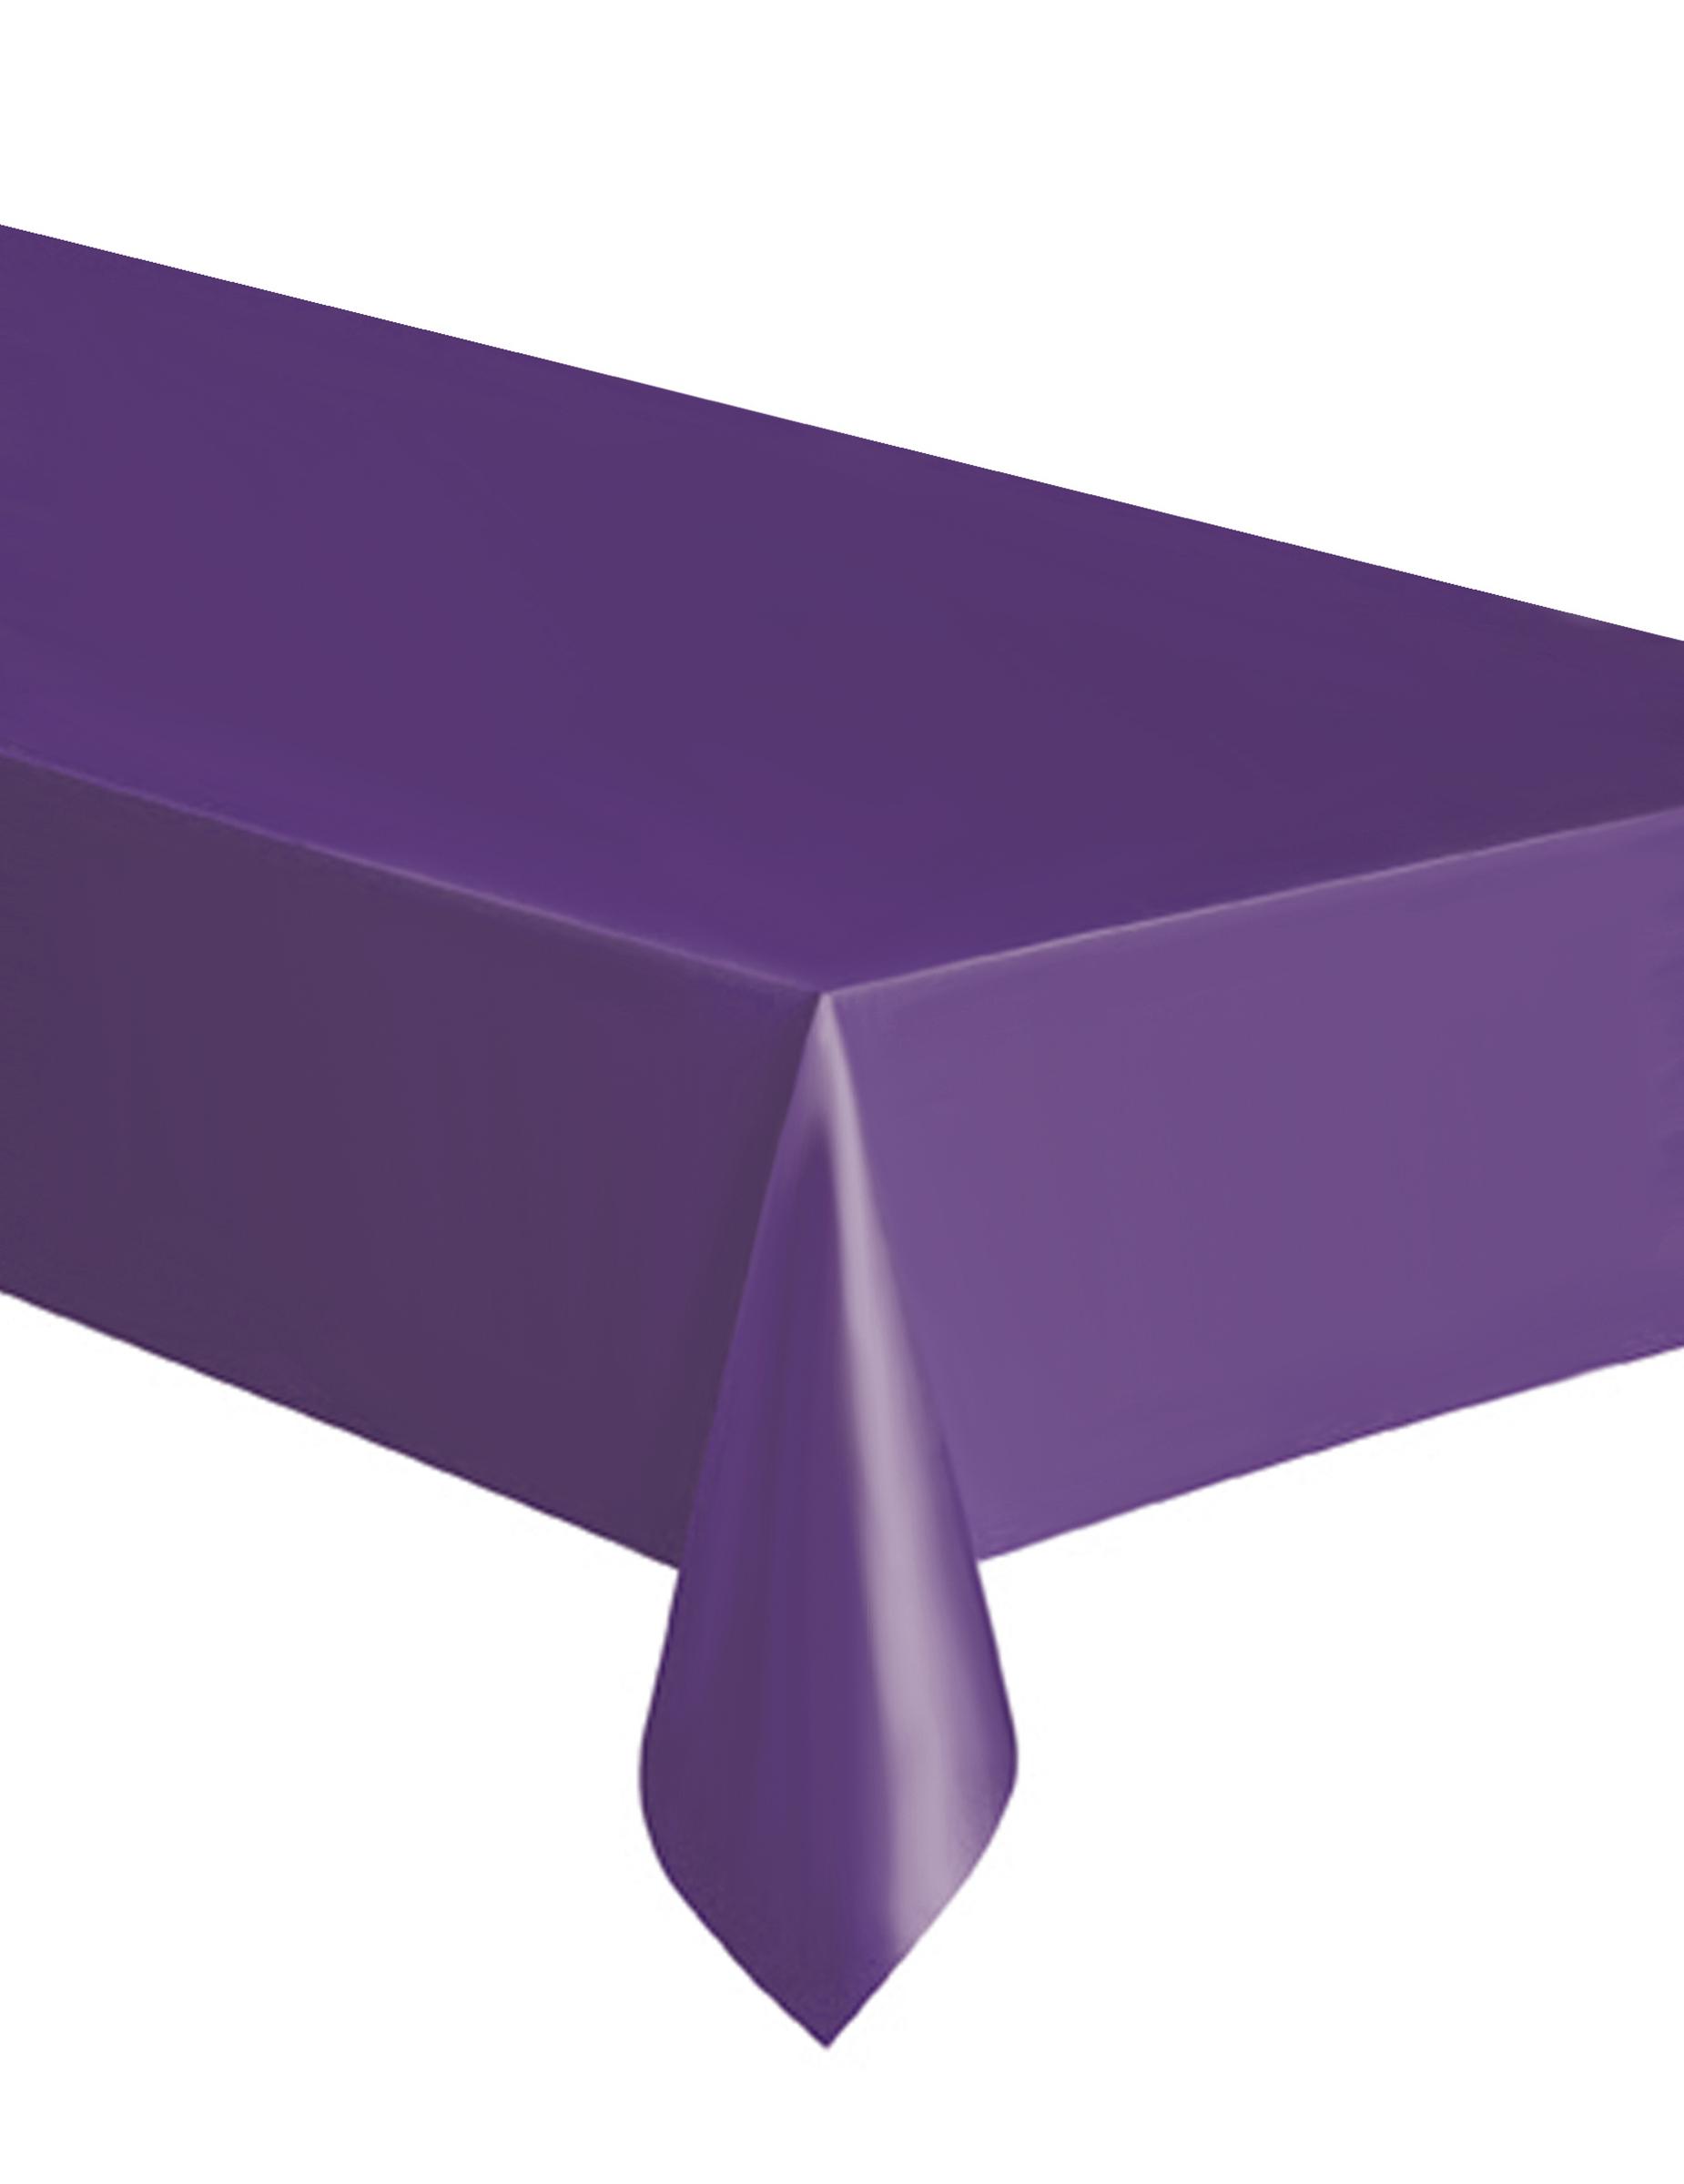 nappe rectangulaire violette en plastique d 233 coration anniversaire et f 234 tes 224 th 232 me sur vegaoo